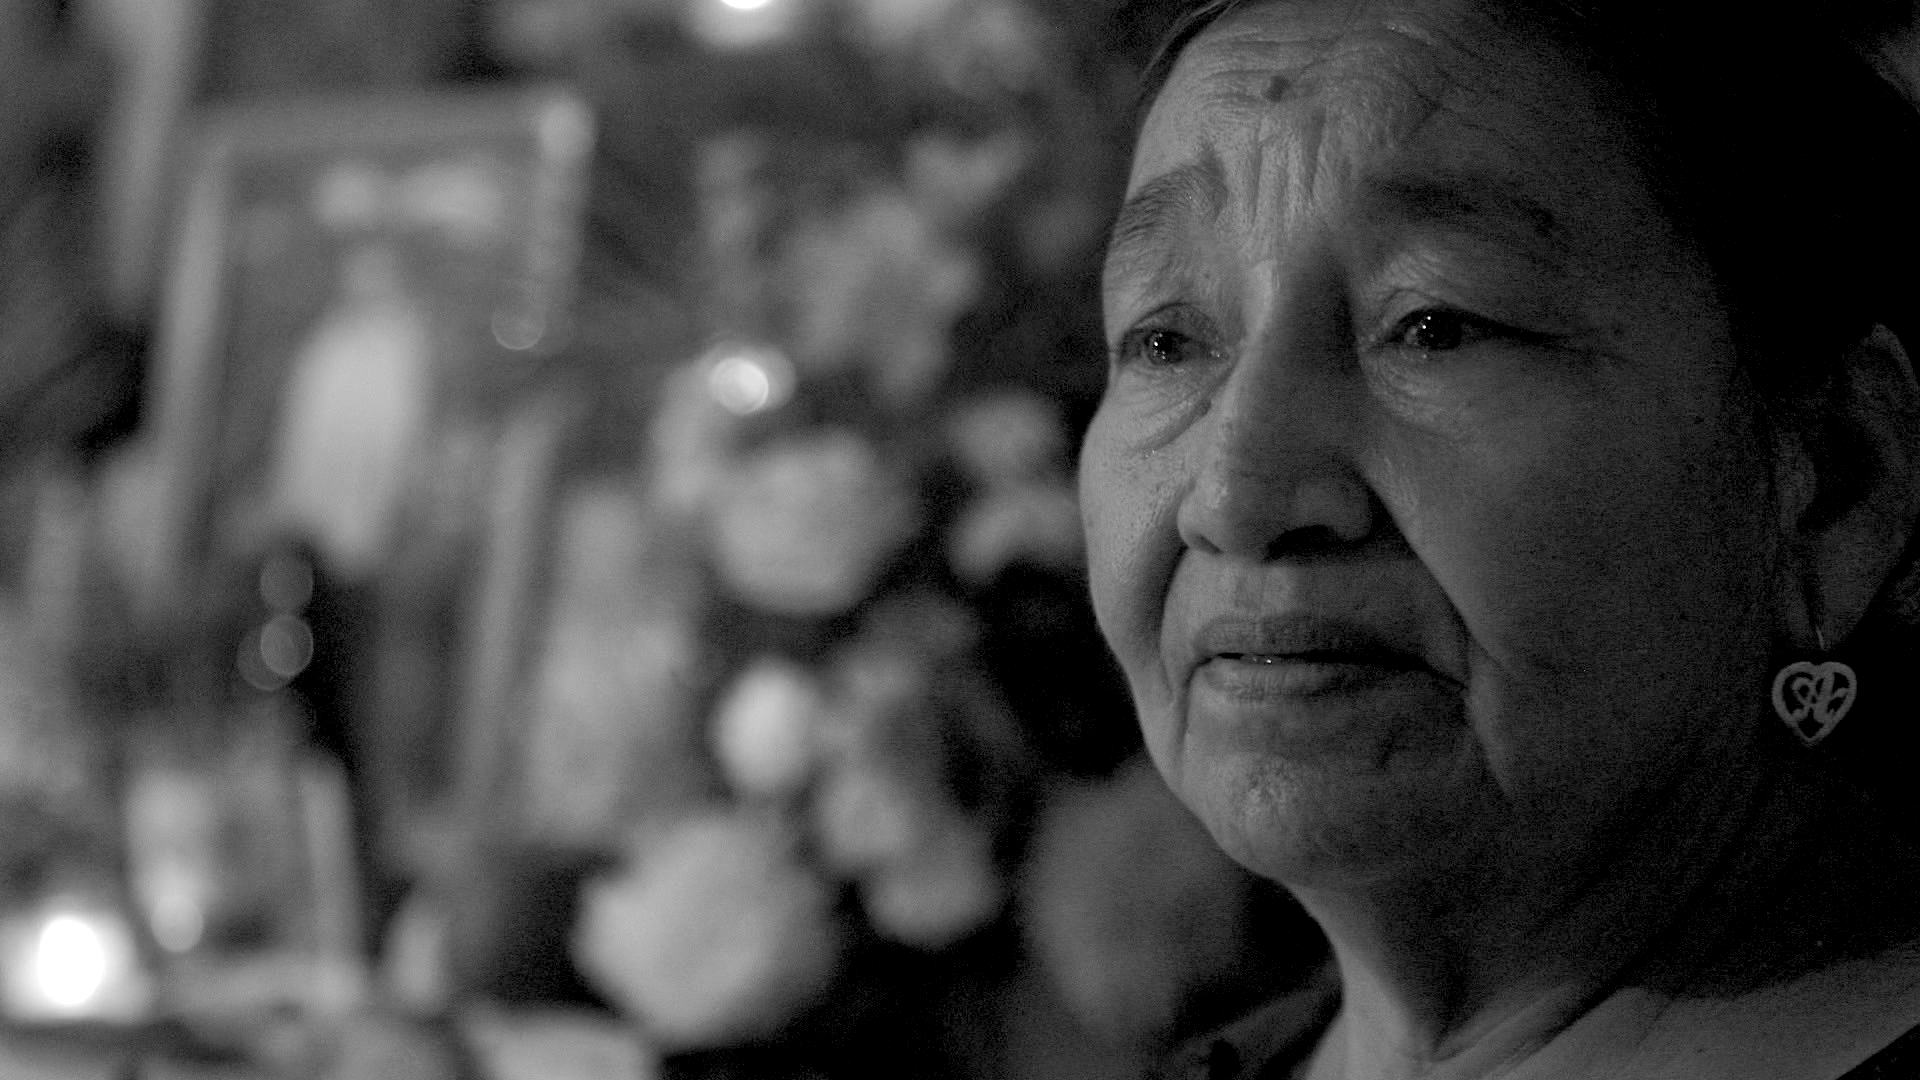 Documental En el nombre de la madre